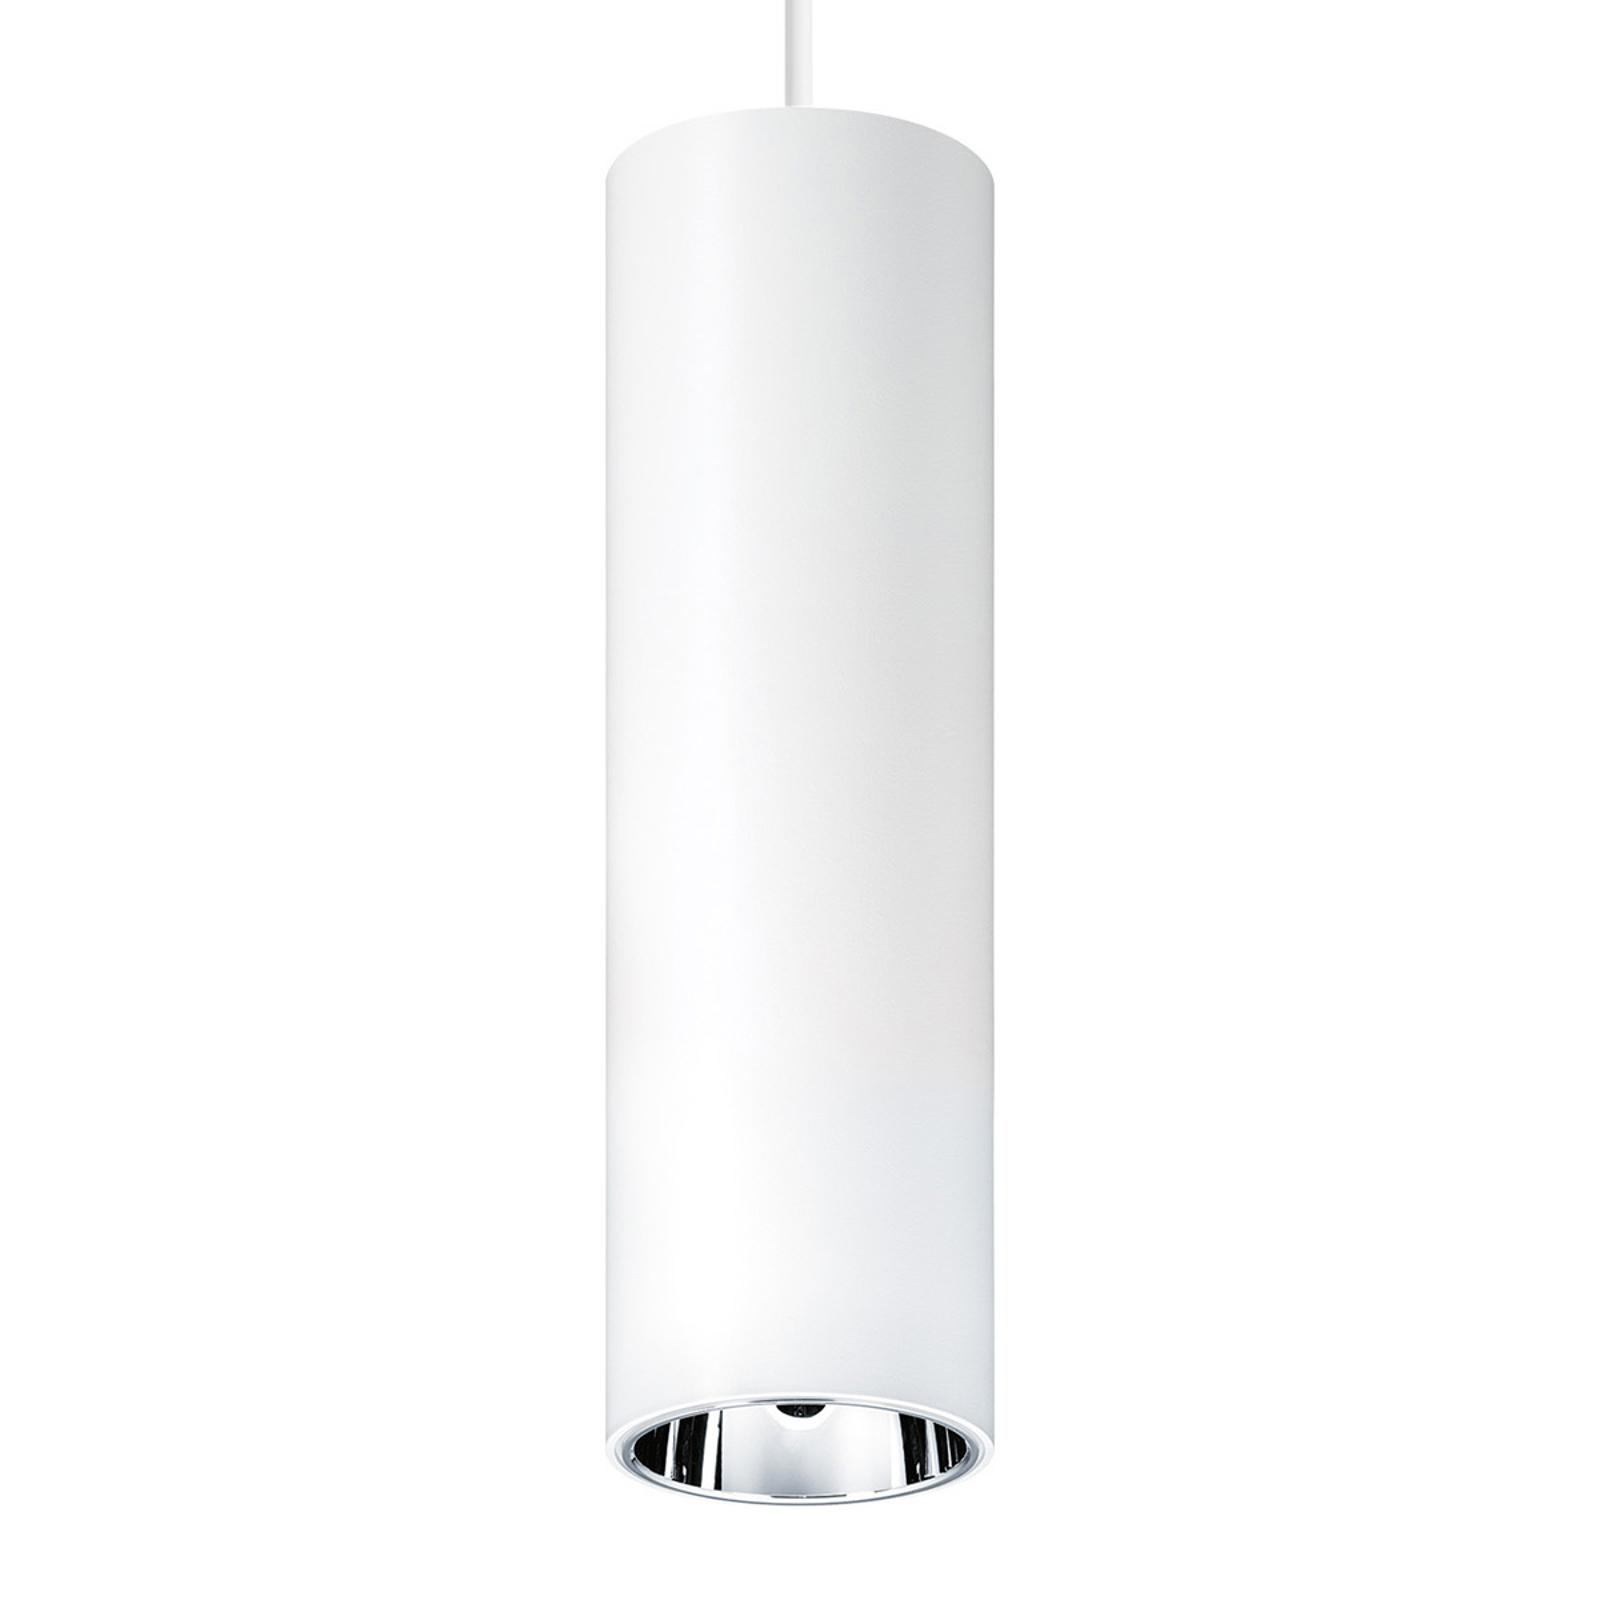 Zumtobel Panos LED-Hängeleuchte Ø 7cm weiß/alu